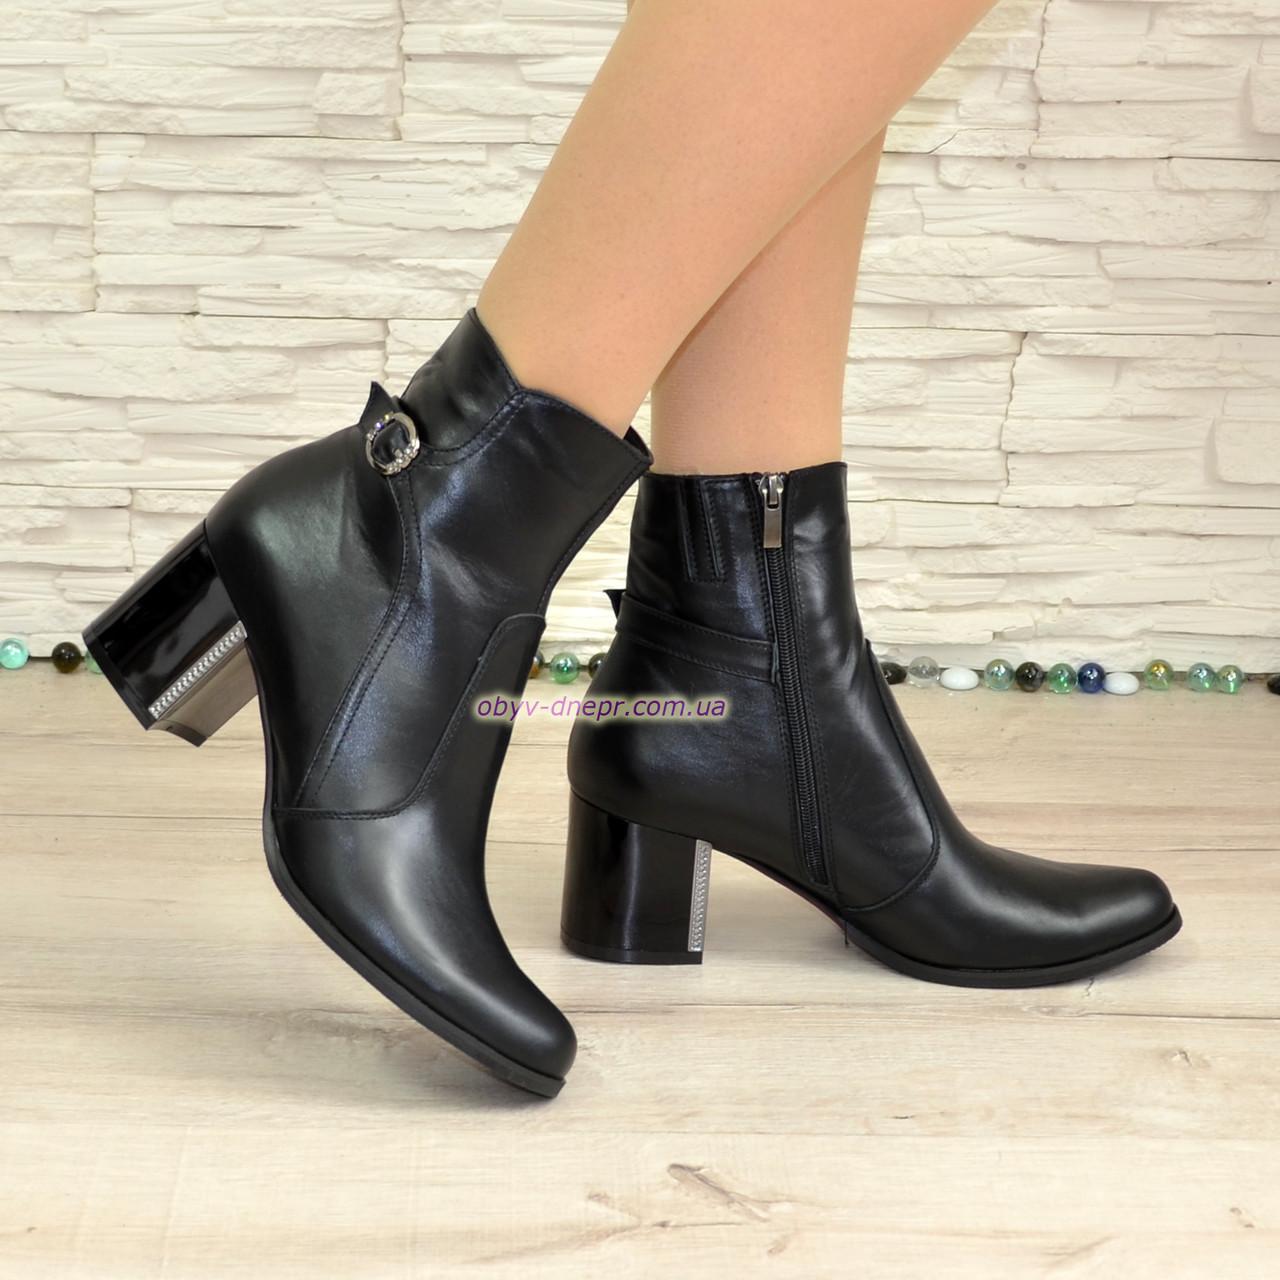 Ботинки кожаные демисезонные черные на невысоком каблуке, декорированы ремешком